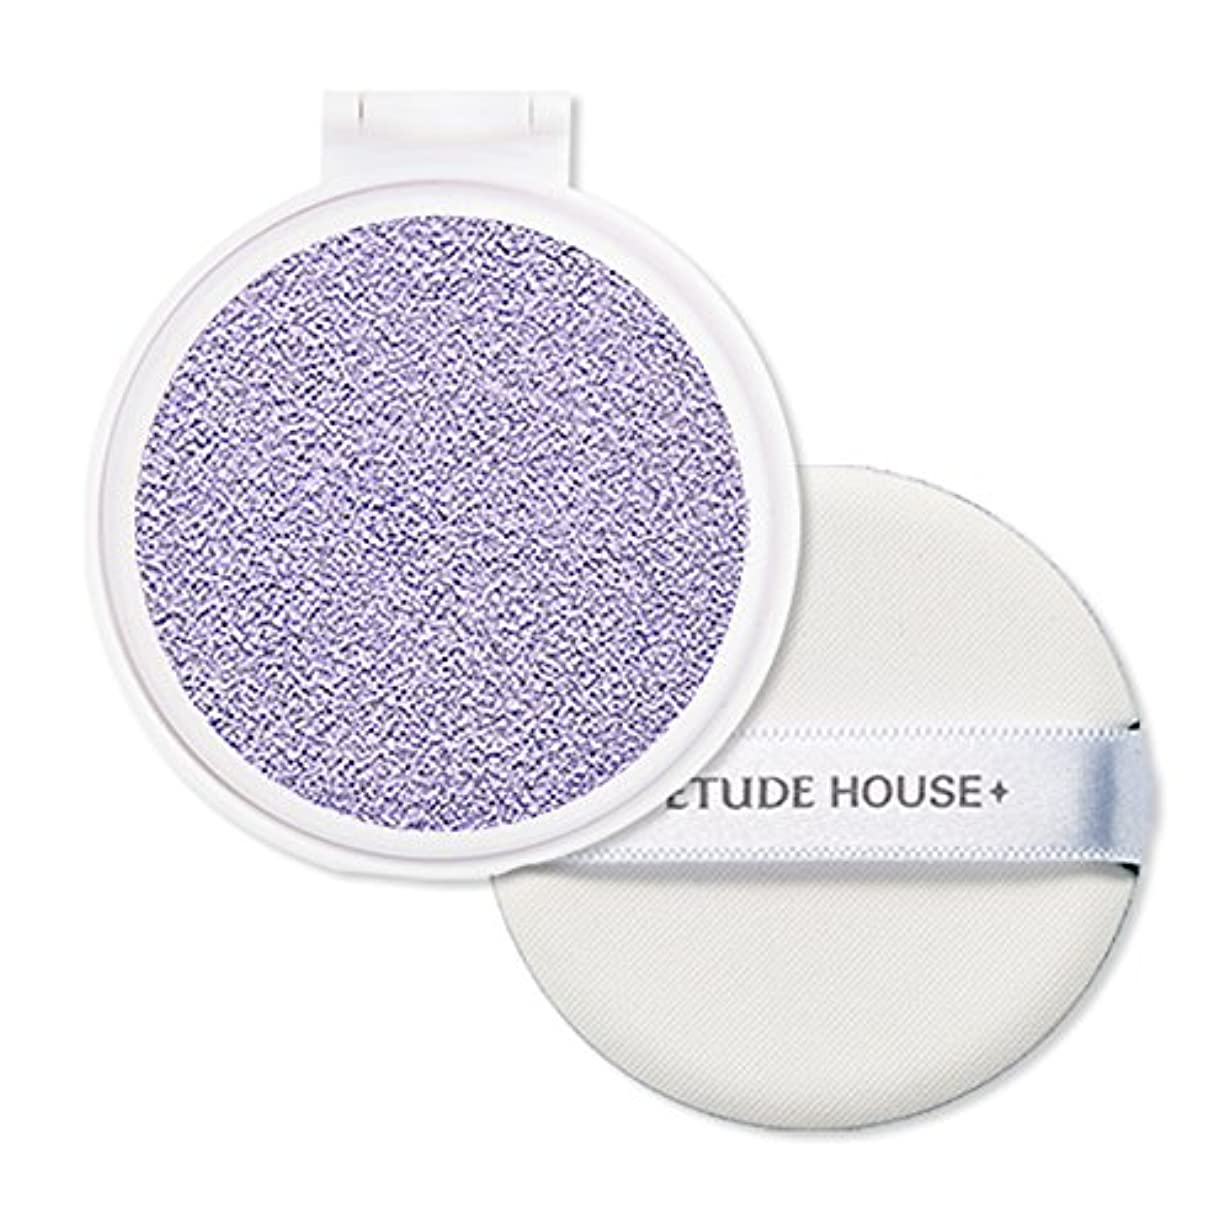 ラフ睡眠突破口冷ややかなエチュードハウス(ETUDE HOUSE) エニークッション カラーコレクター レフィル Lavender